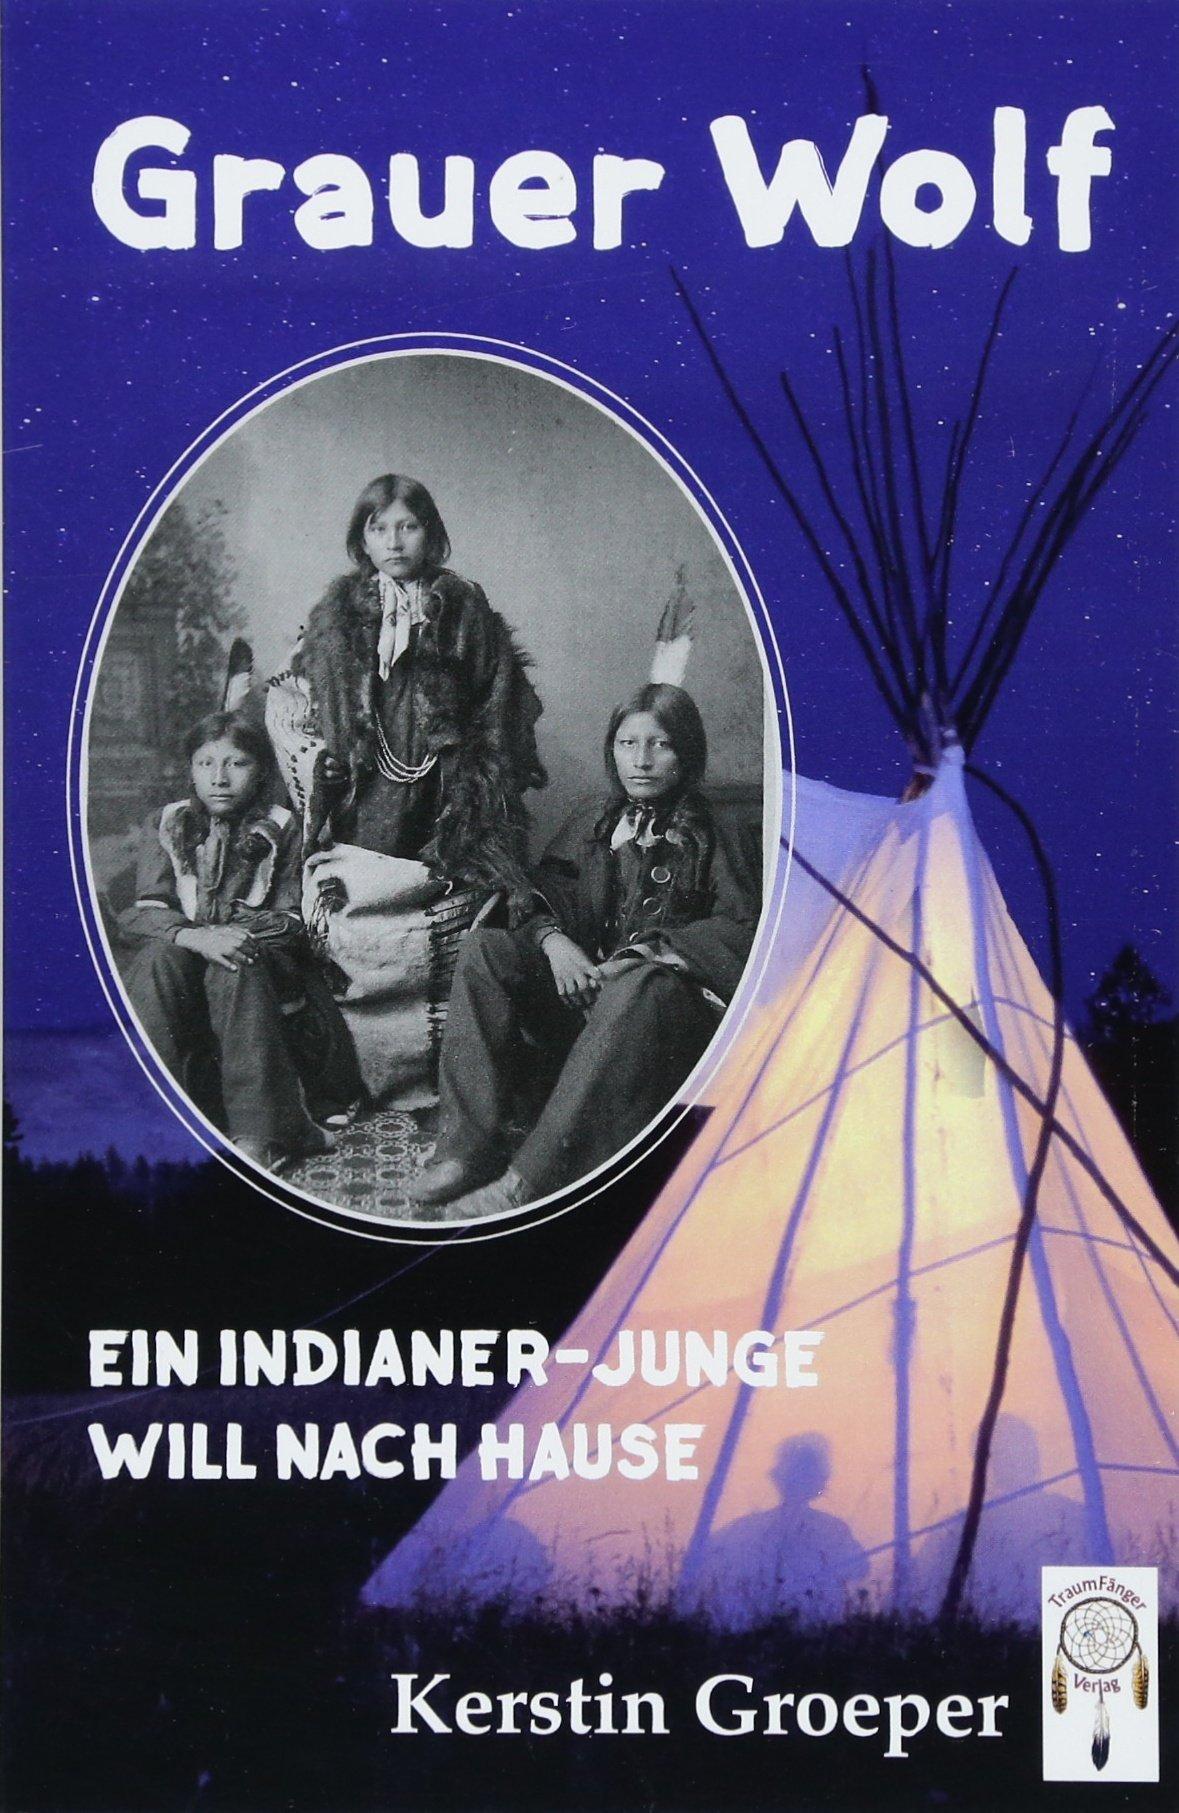 Grauer Wolf: Ein Indianer-Junge will nach Hause